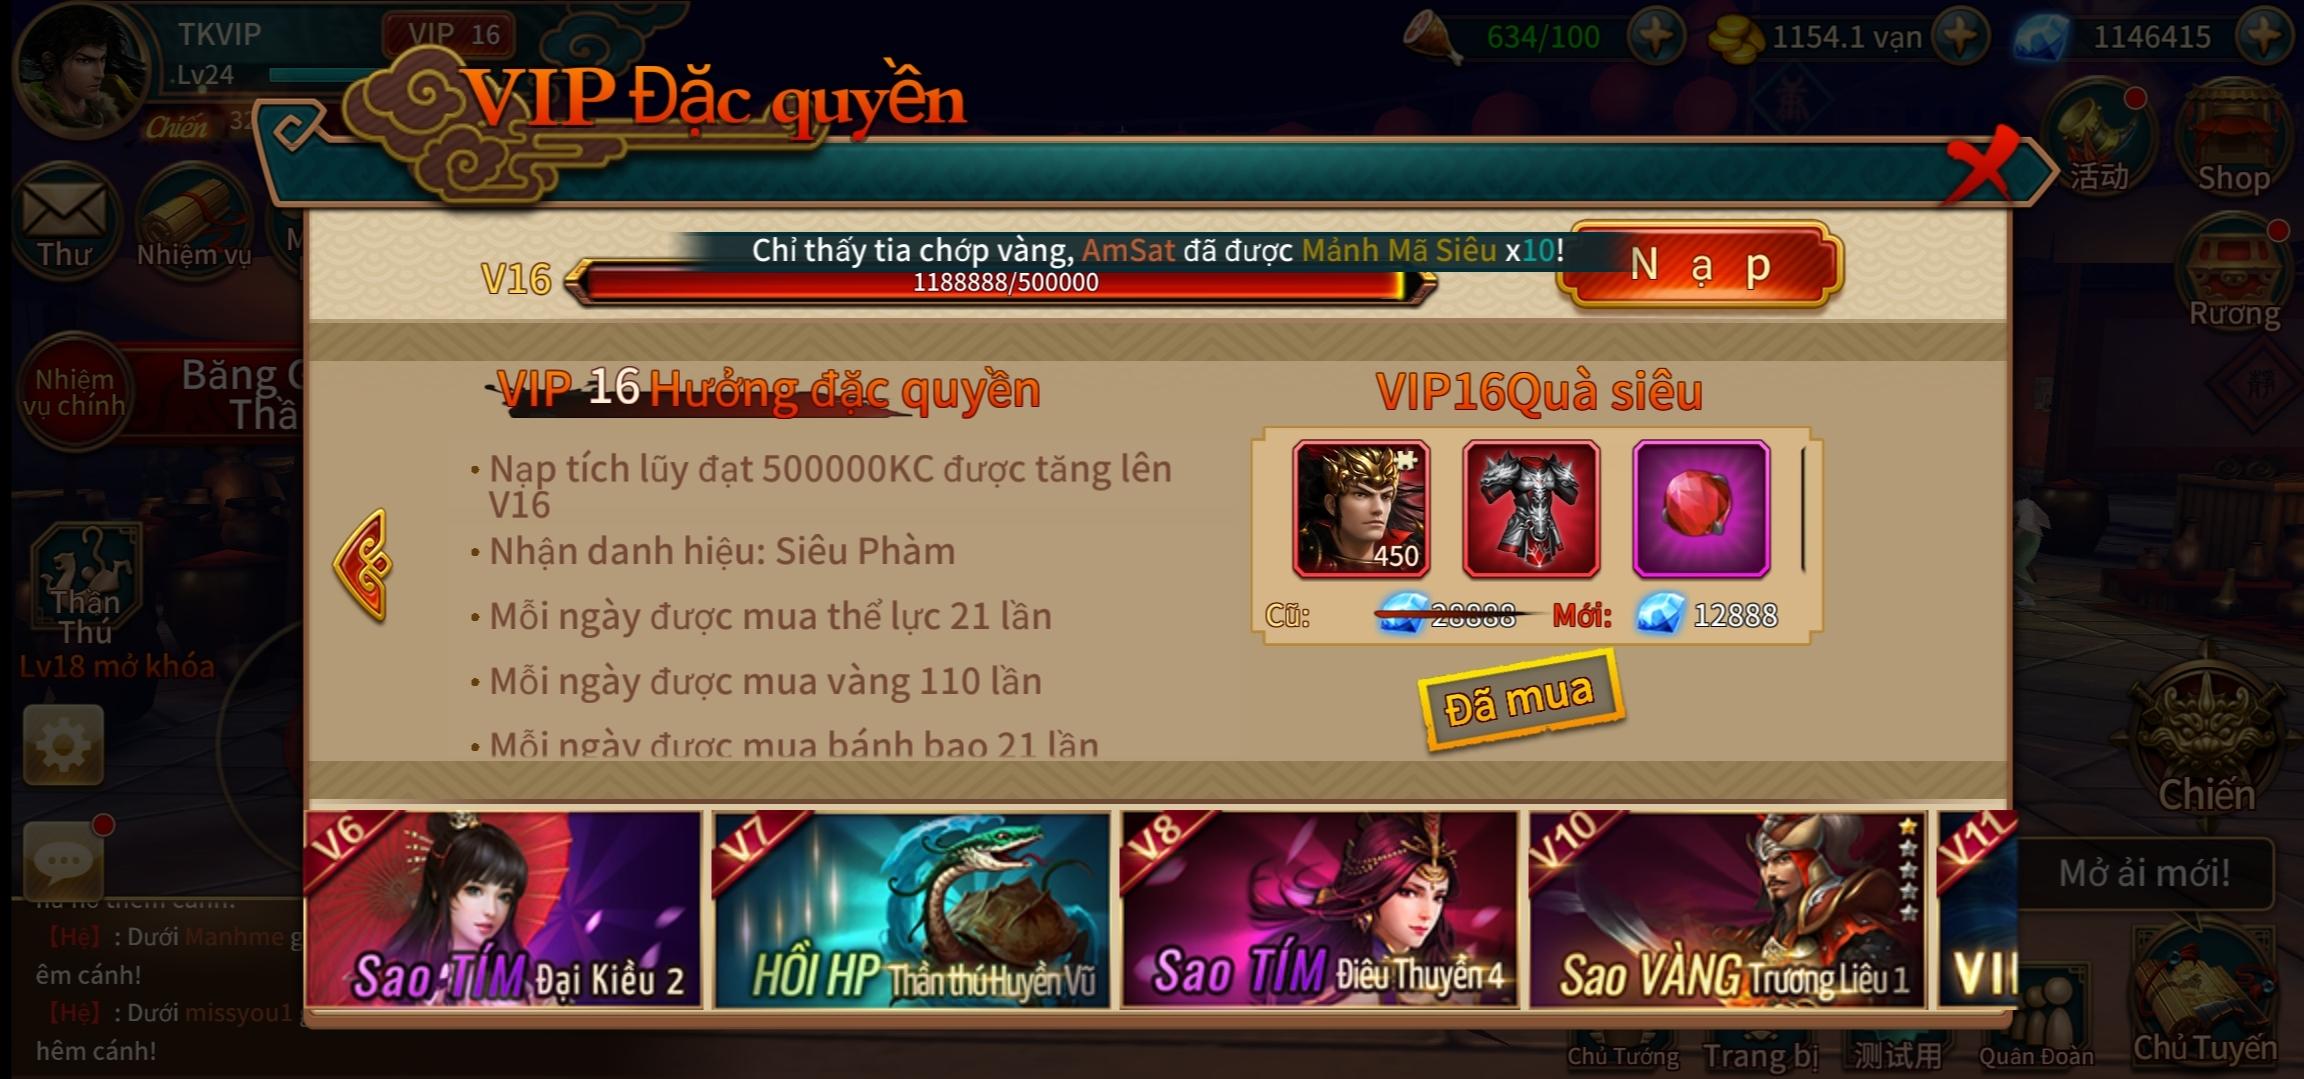 Đỉnh Phong Tam Quốc 3D Private Việt Hóa | Free Max VIP 16 | Free Tỷ Tỷ KNB | Hoạt Động Sự Kiện Nhận Quà Hấp Dẫn Kim Cương